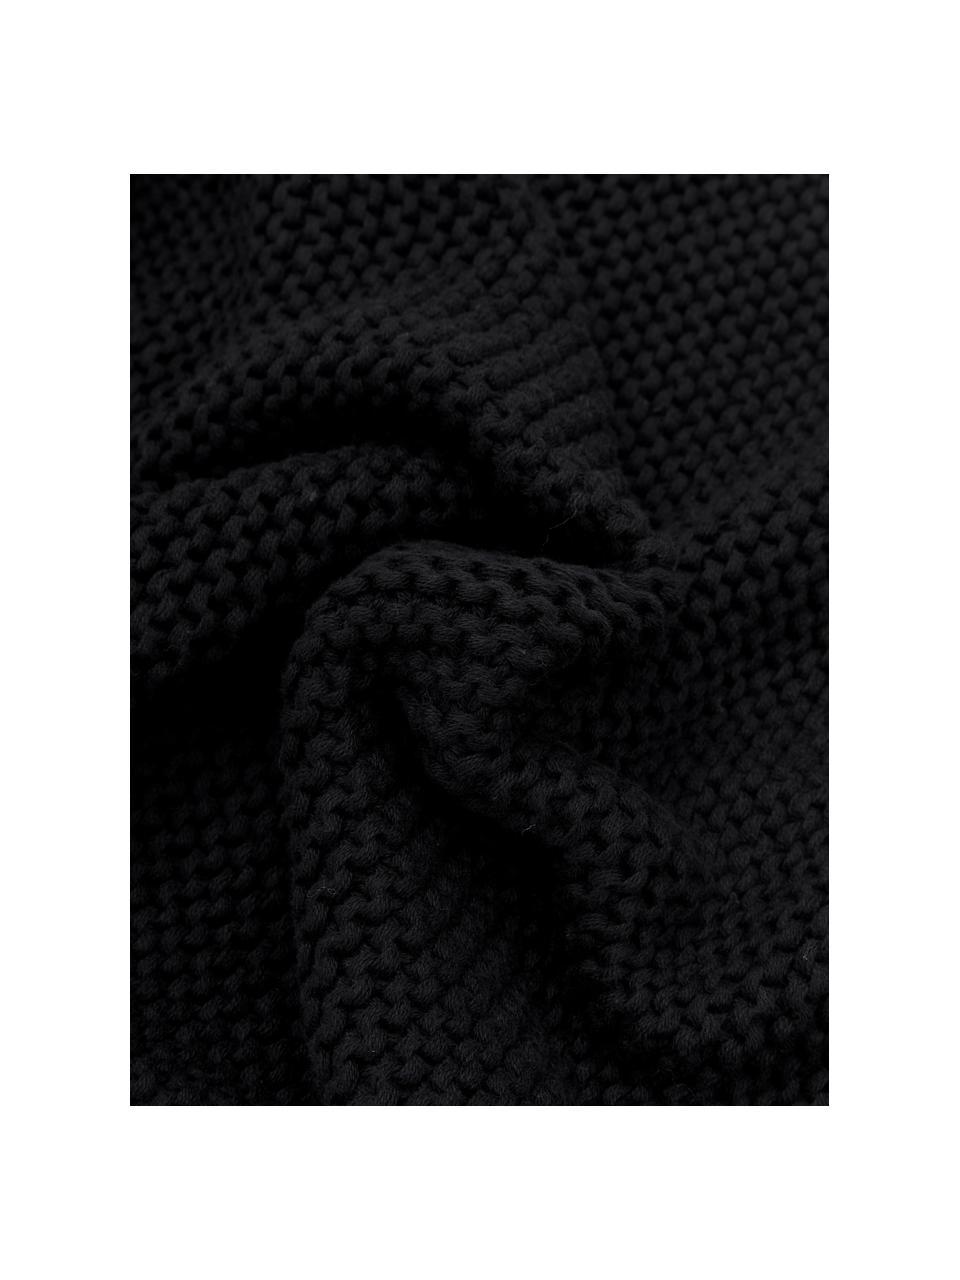 Strick-Kissenhülle Adalyn aus Bio-Baumwolle in Schwarz, 100% Bio-Baumwolle, GOTS-zertifiziert, Schwarz, 50 x 50 cm